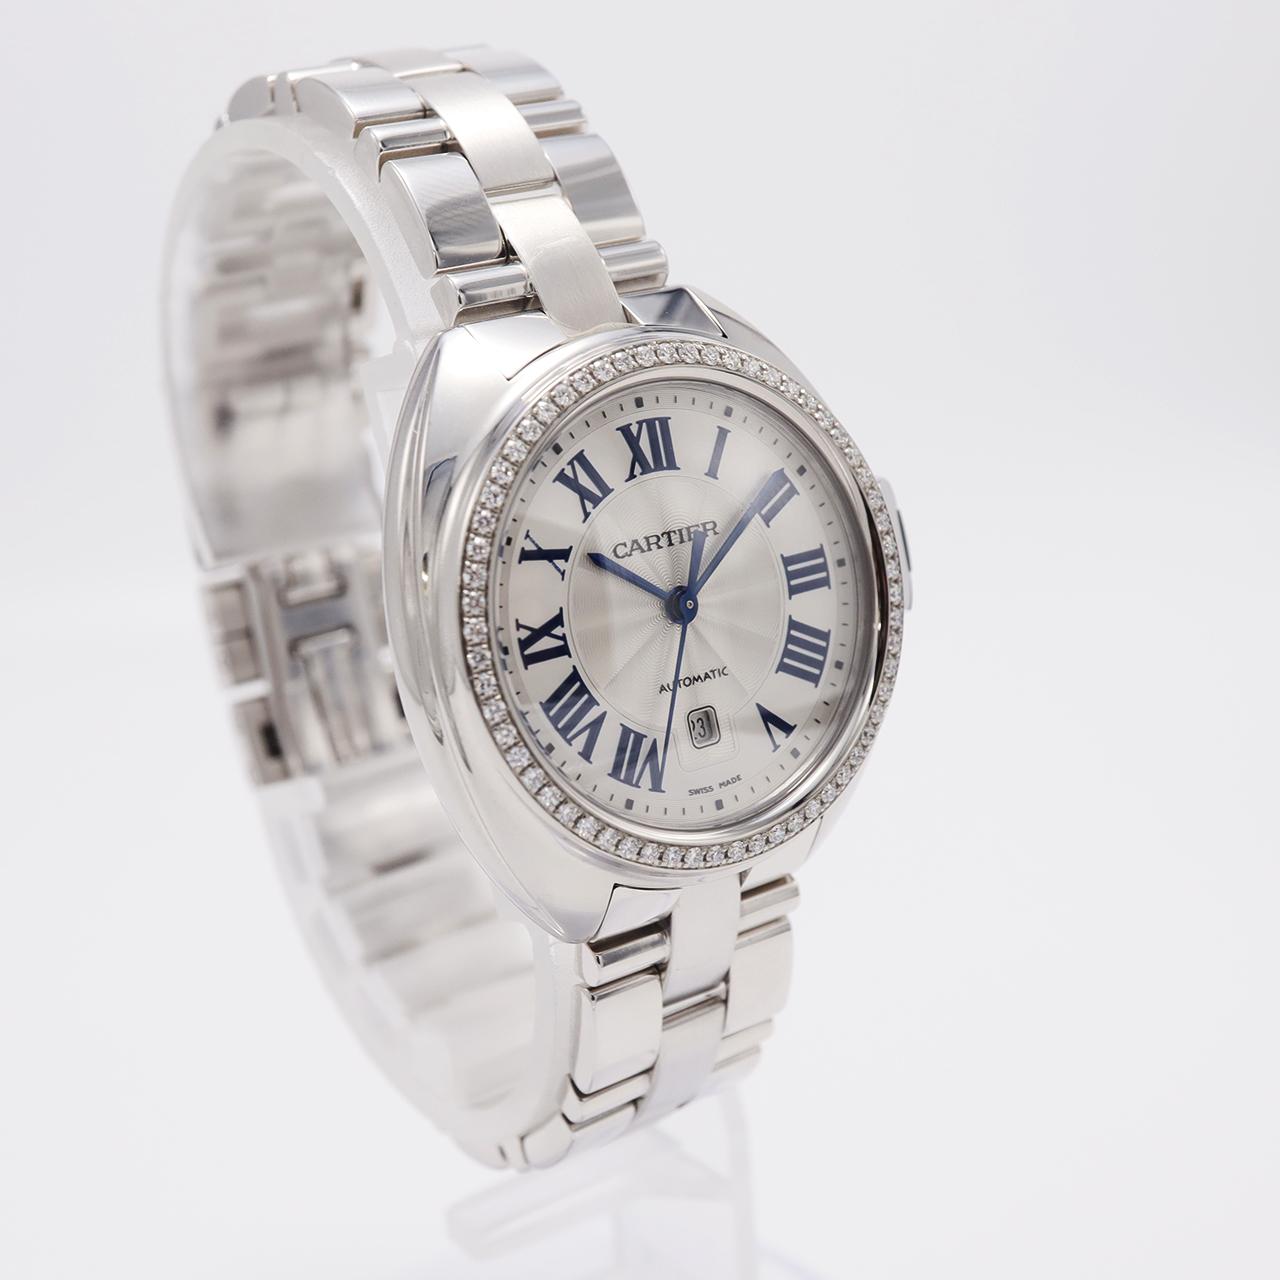 題名 【買取実績】 カルティエの時計を買取しました!!